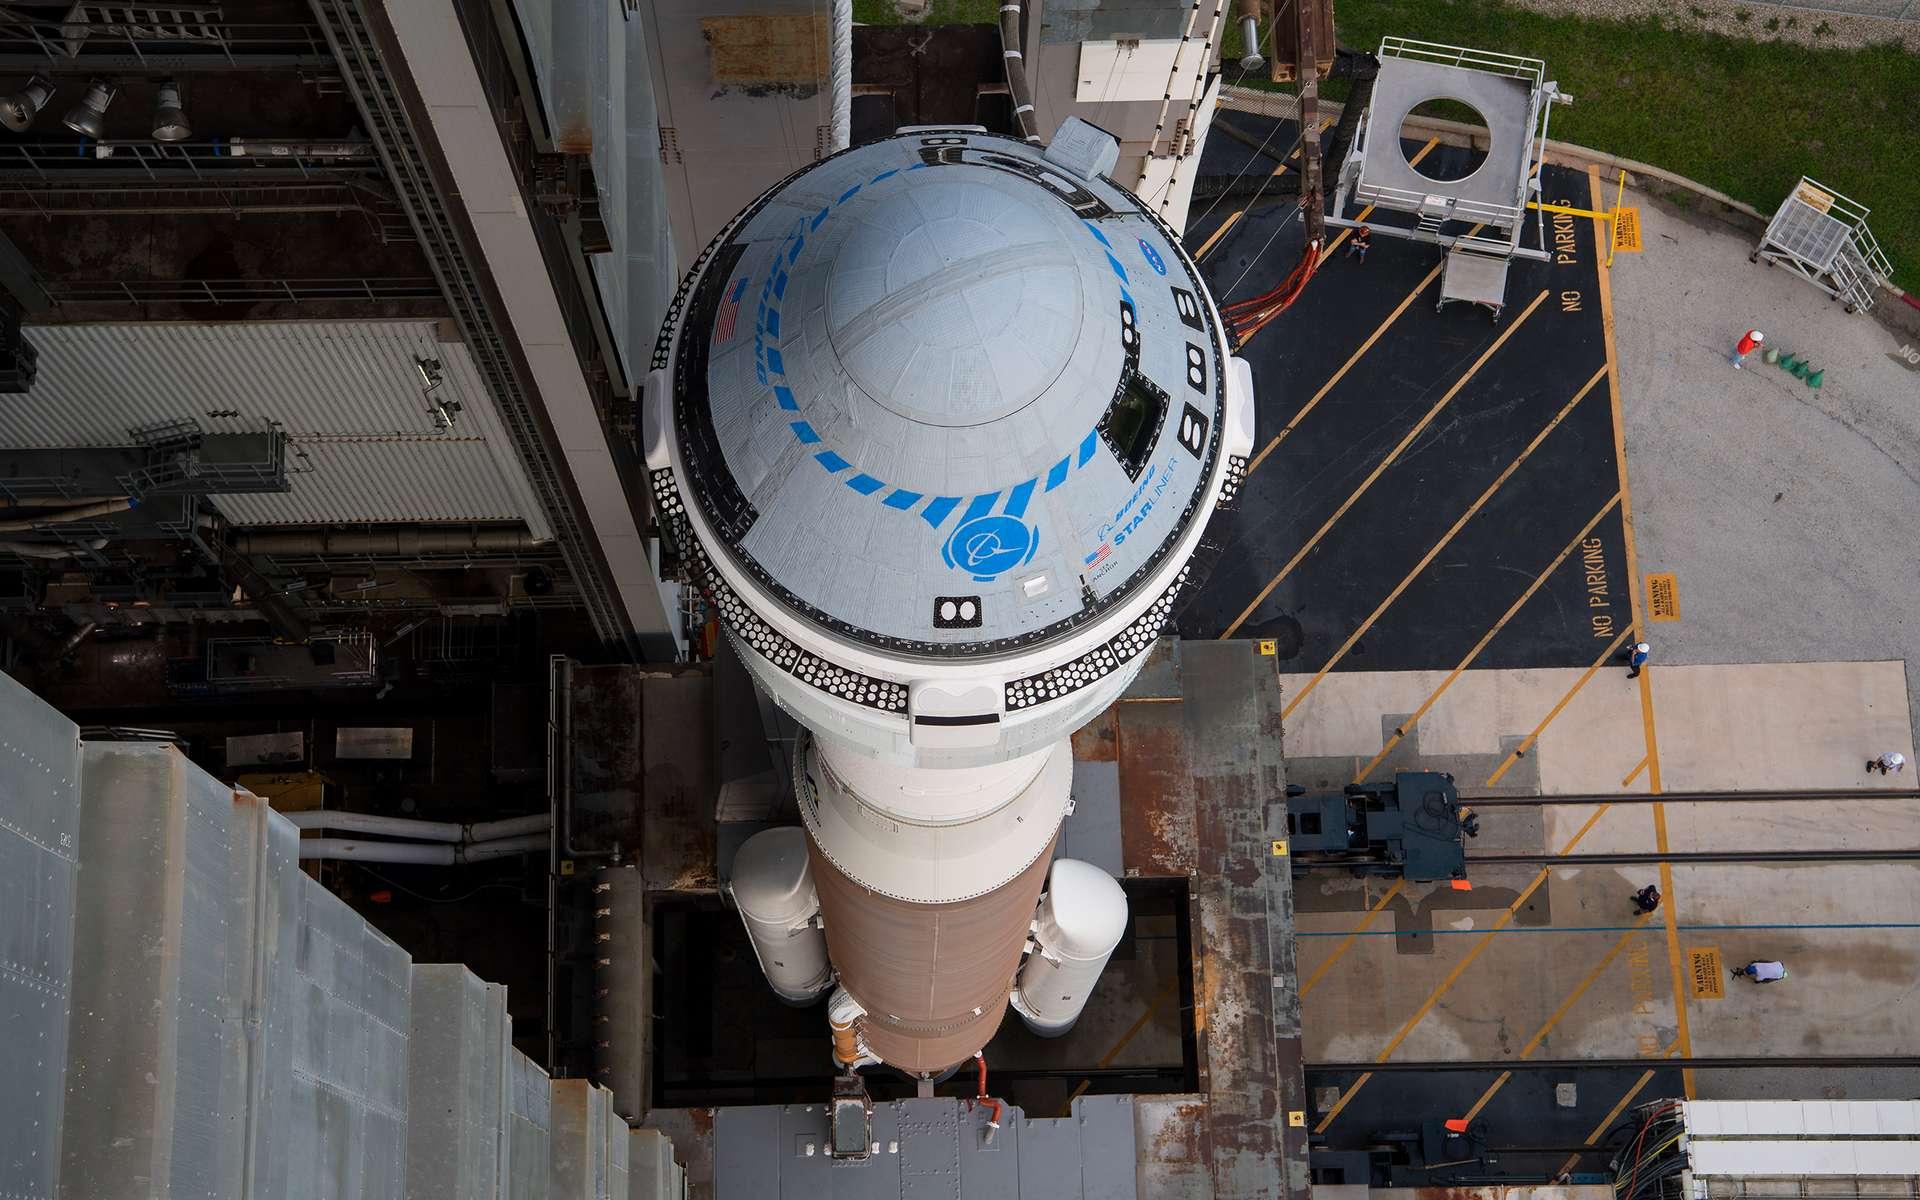 Le Starliner de Boeing, à bord d'un lanceur Atlas V d'ULA, est ramené dans son bâtiment d'assemblage après que la Nasa et Boeing ont pris la décision de reporter le vol à une date indéterminée. © Nasa